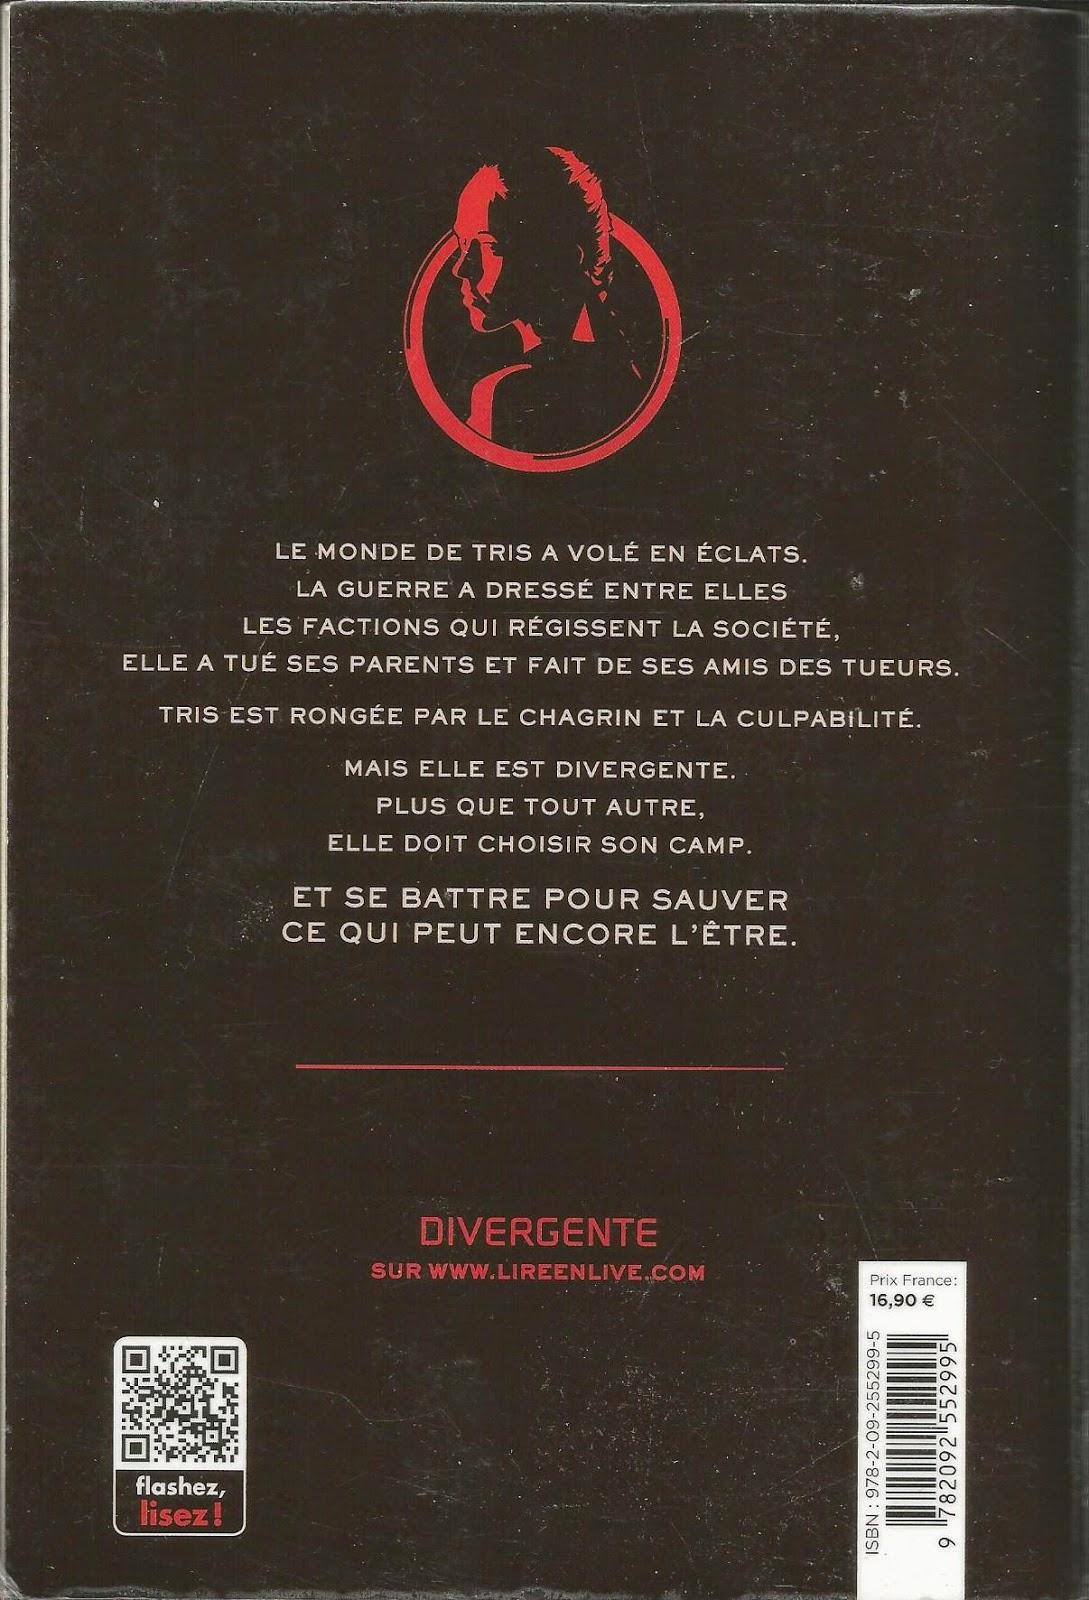 Divergente Veronica Roth back cover quatrième de couverture